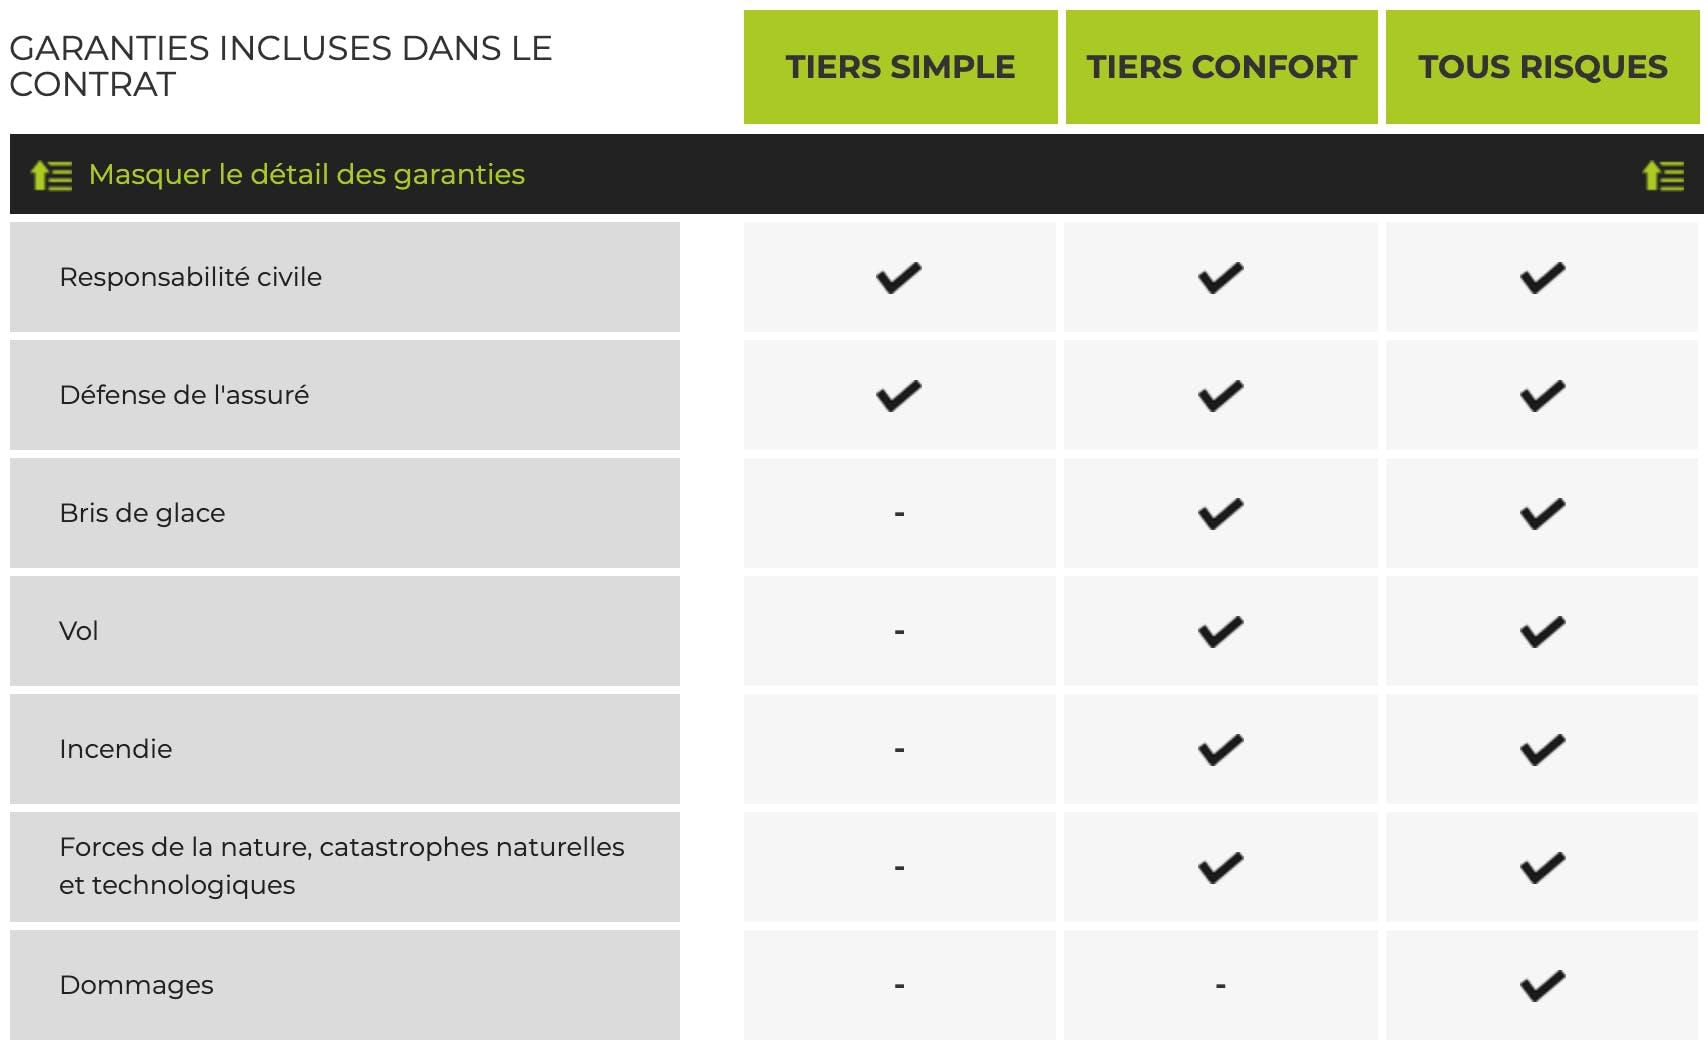 Tableau de comparaison des garanties Active Assurances pour les formules d'assurance auto Tiers Simple, Tiers Confort et Tous Risques